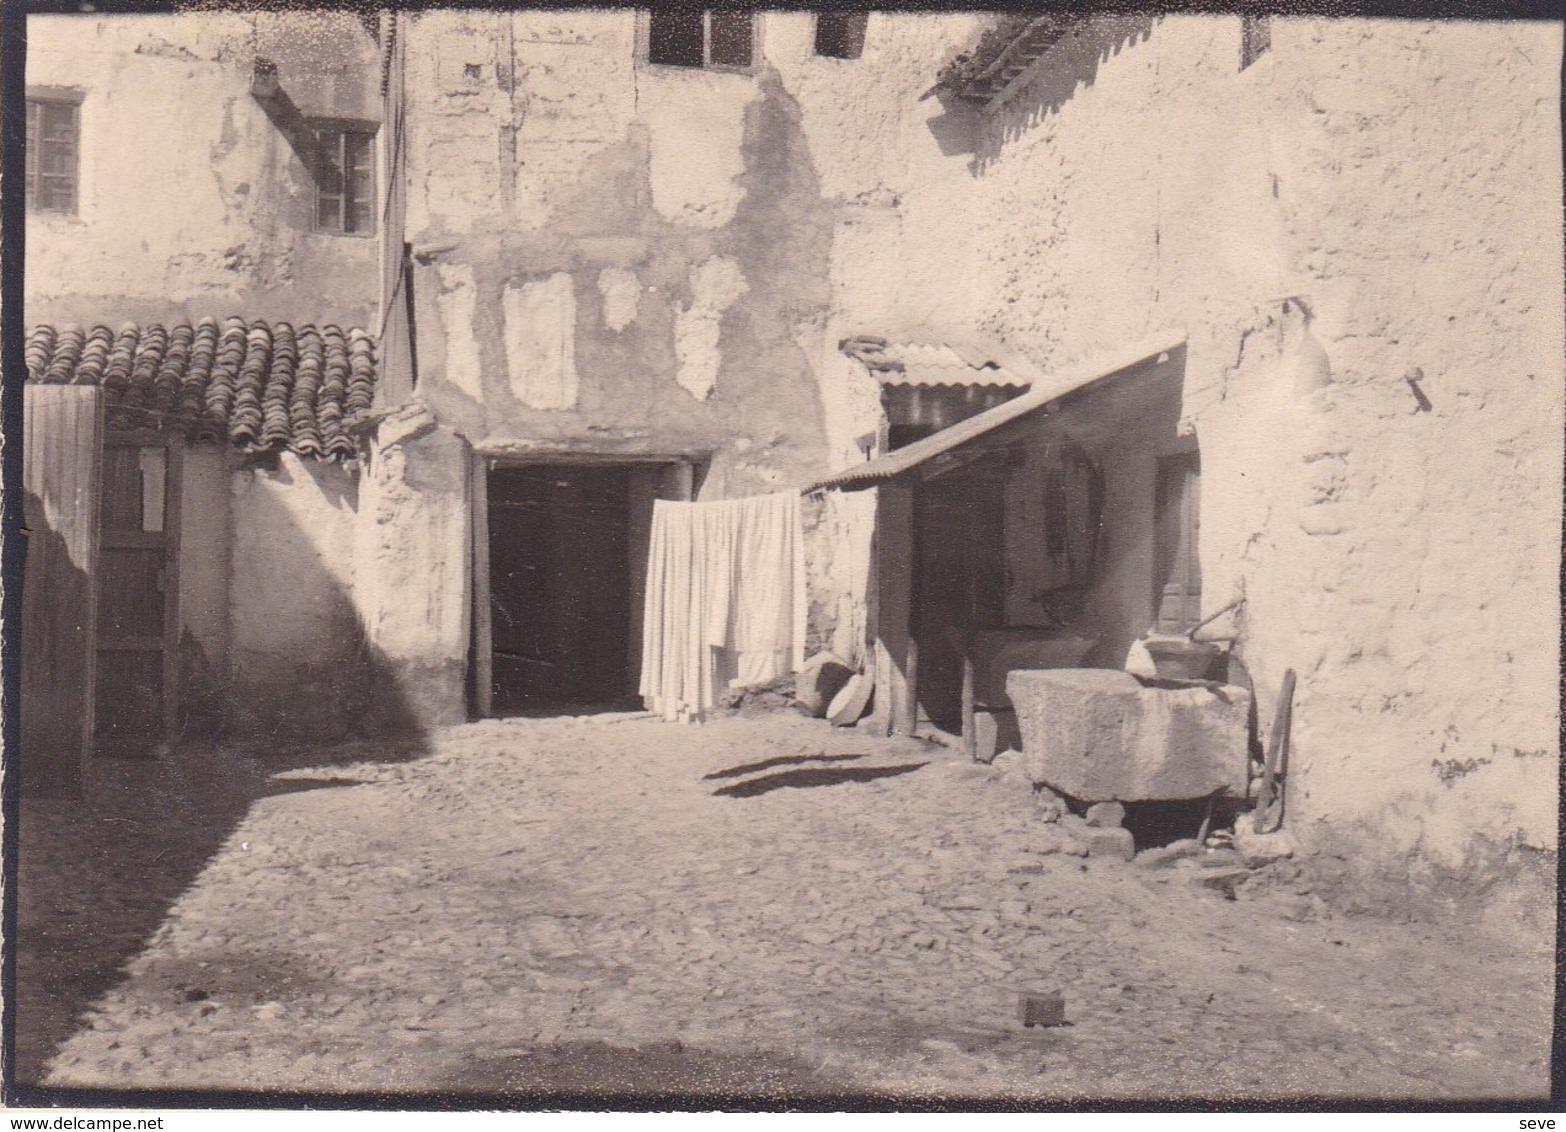 ALCARAZ Albacete Cour De La Fonda Mauricio Septembre 1954 Photo Amateur Format Environ 5 Cm X 8 Cm - Lieux